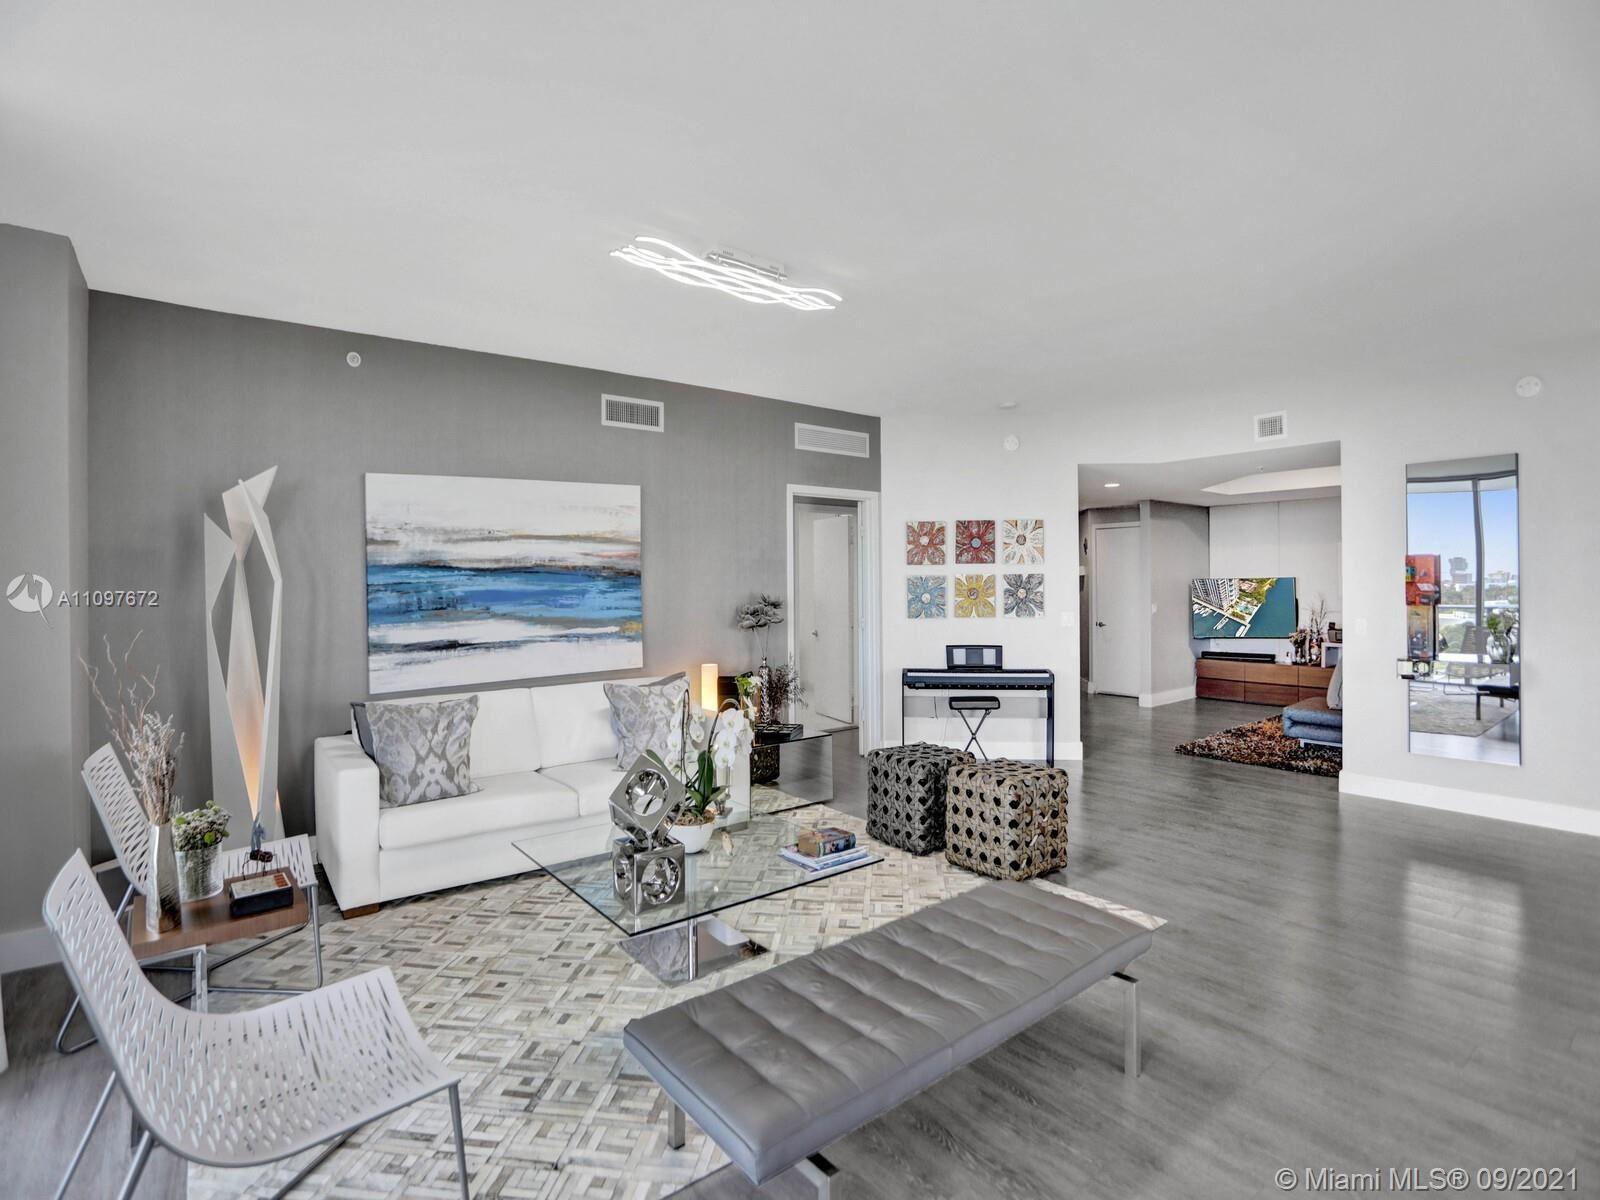 17301 Biscayne Blvd #702, North Miami Beach, FL 33160 - #: A11097672